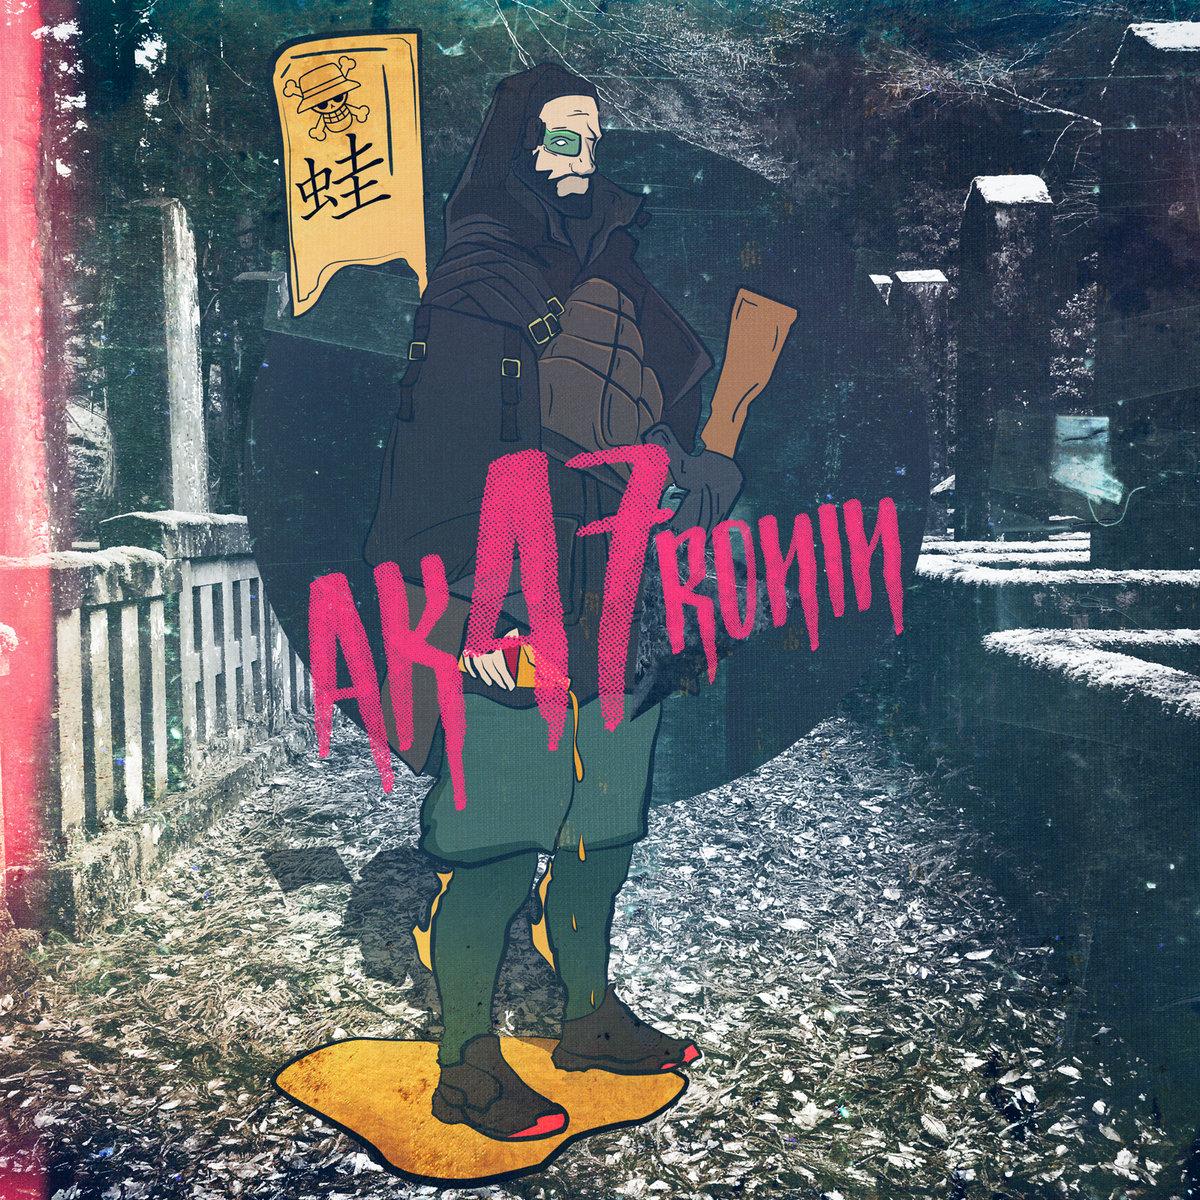 AK-47 Ronin | Ish1da